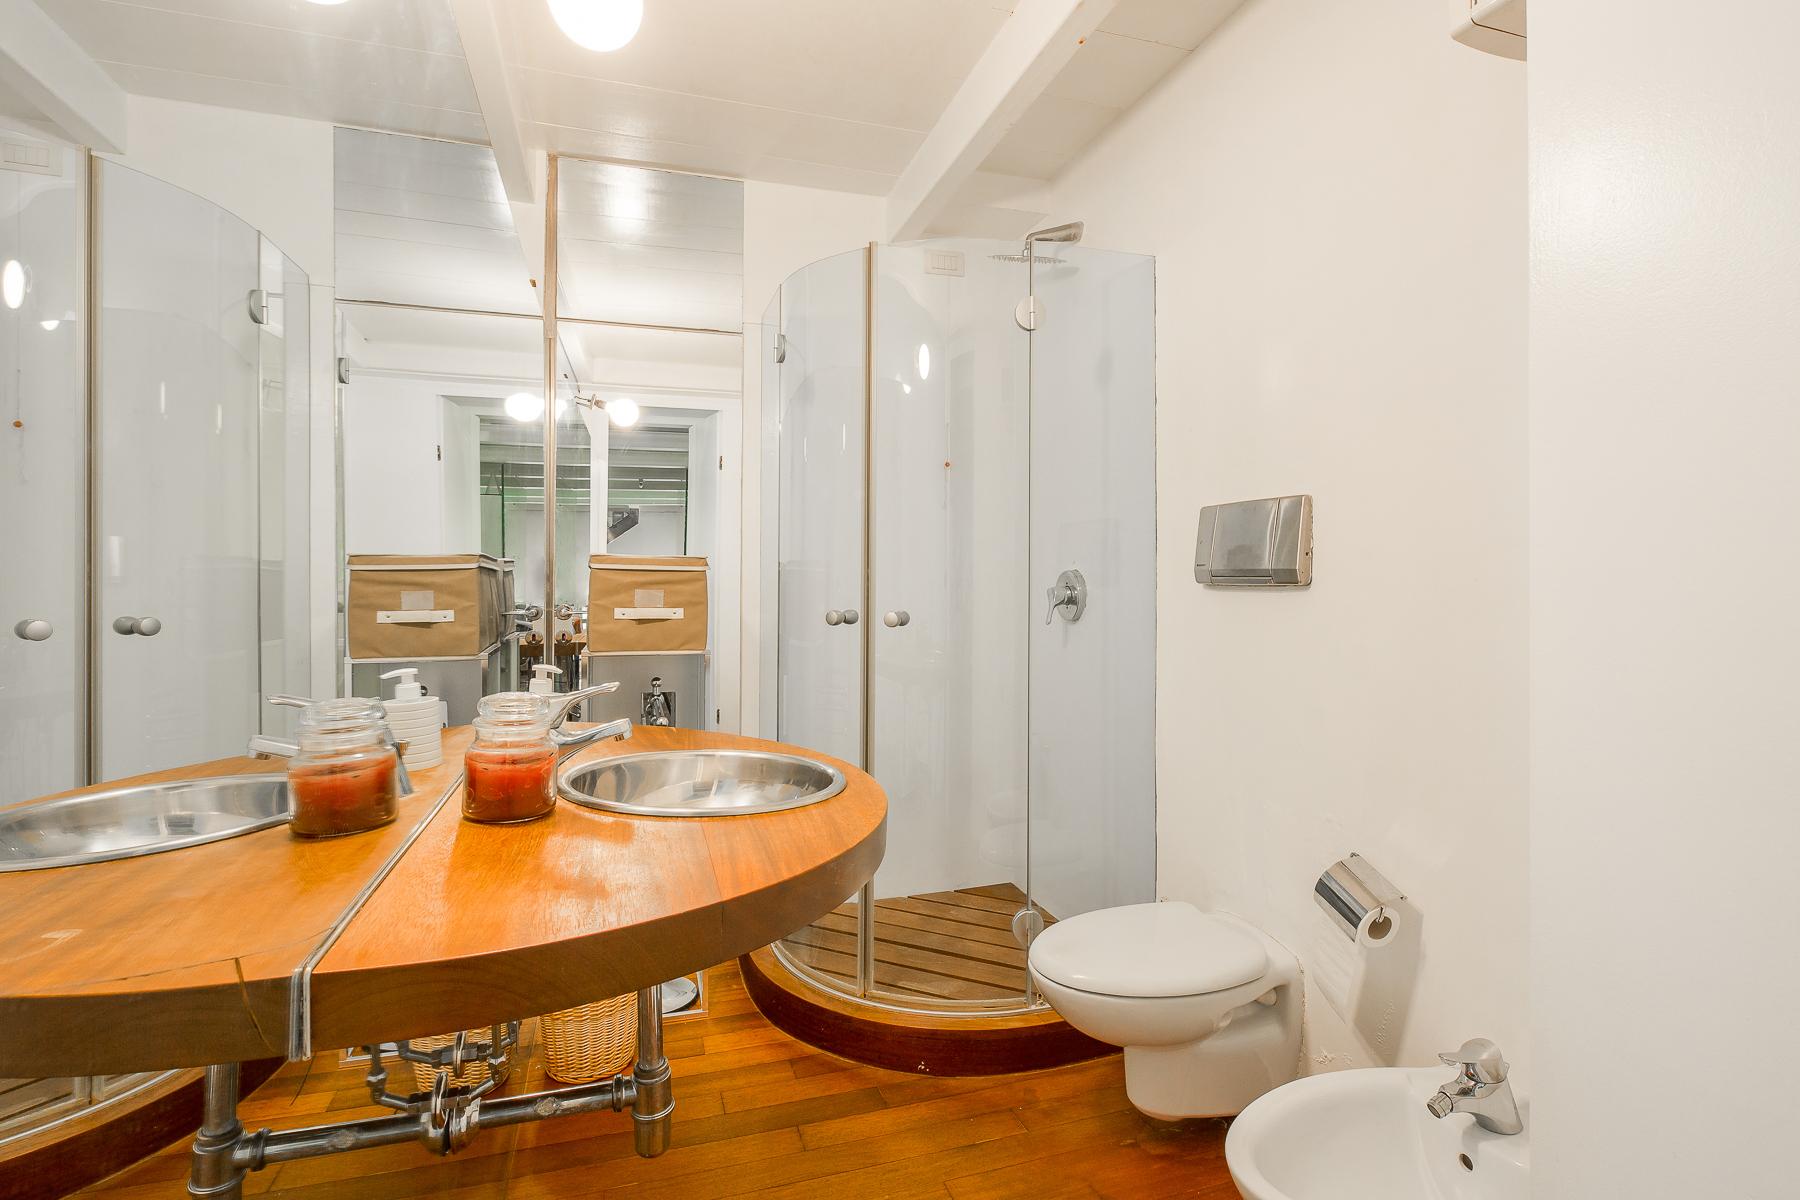 Casa indipendente in Vendita a Milano: 5 locali, 330 mq - Foto 14